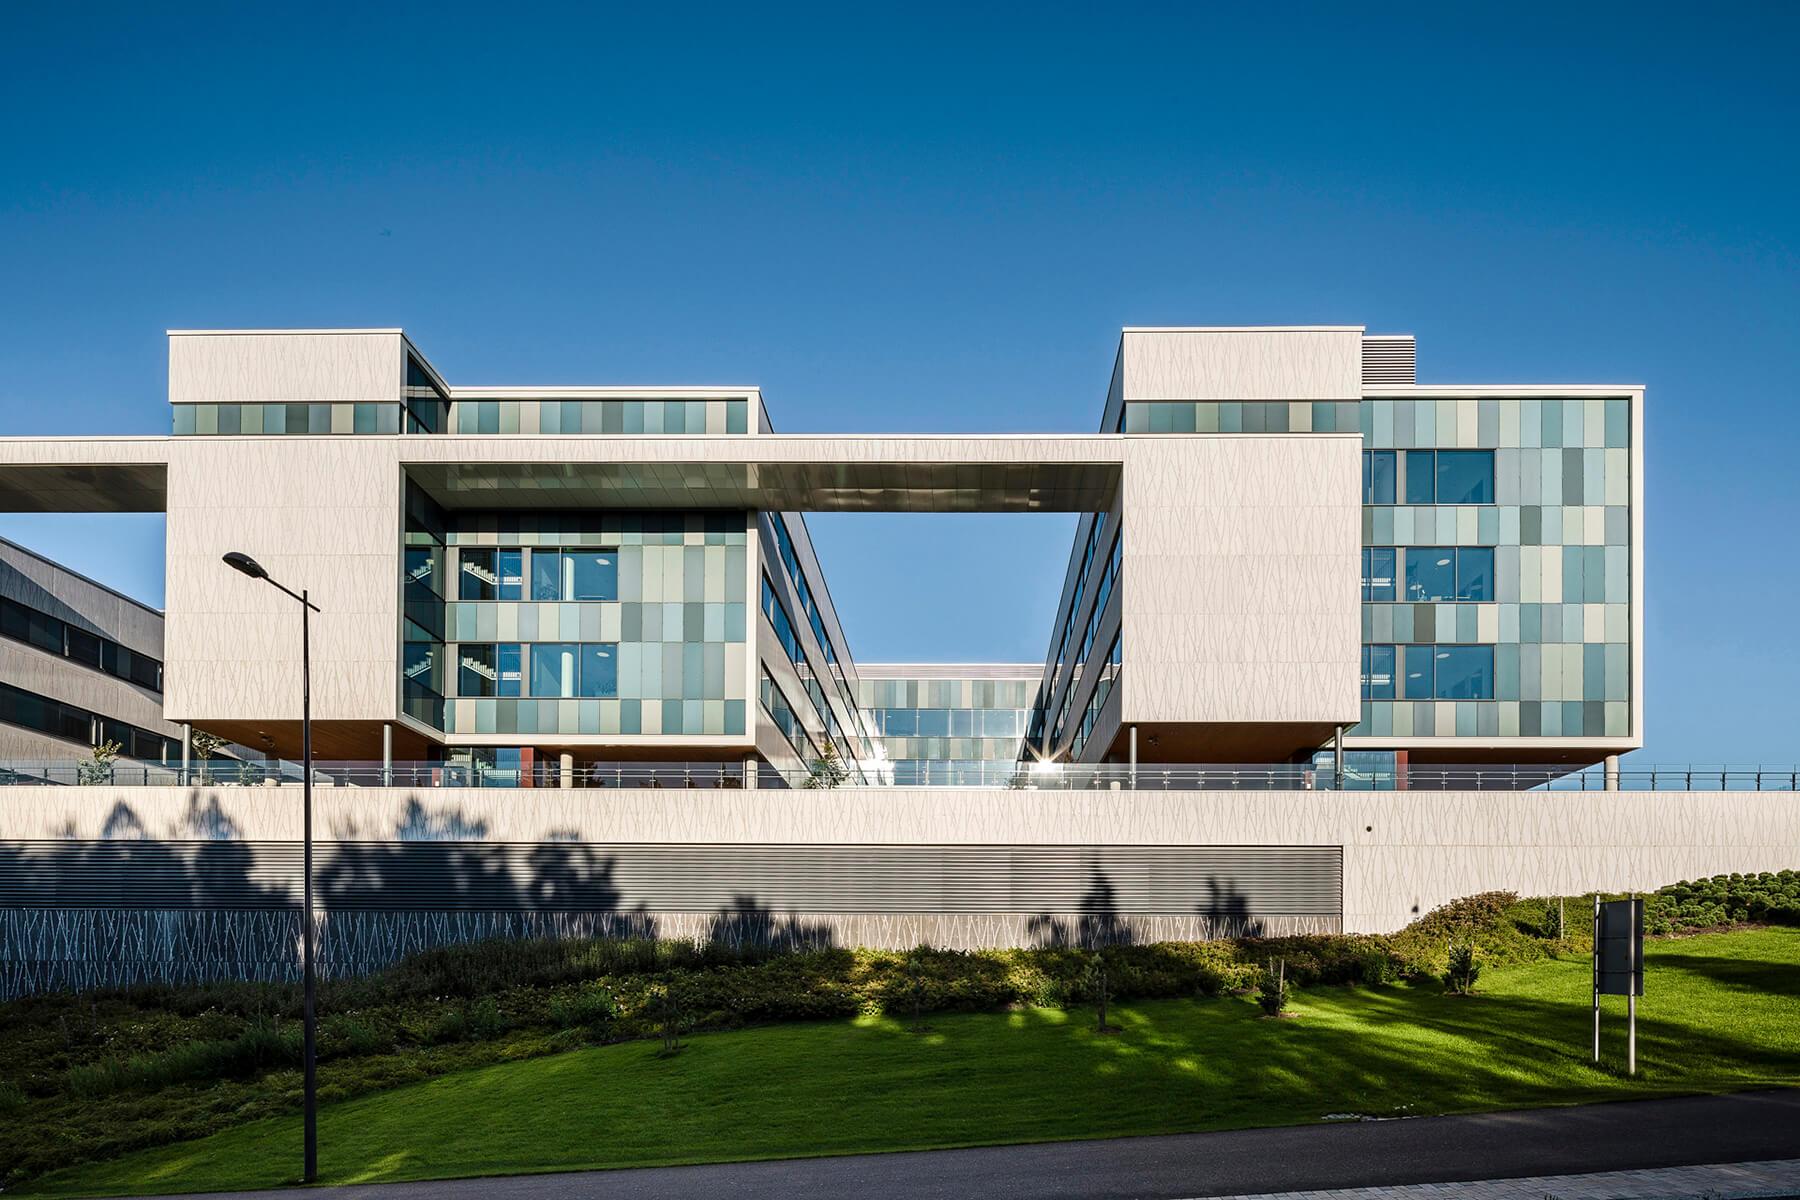 hospital-espoo-graphic-concrete-009-1800px.jpg